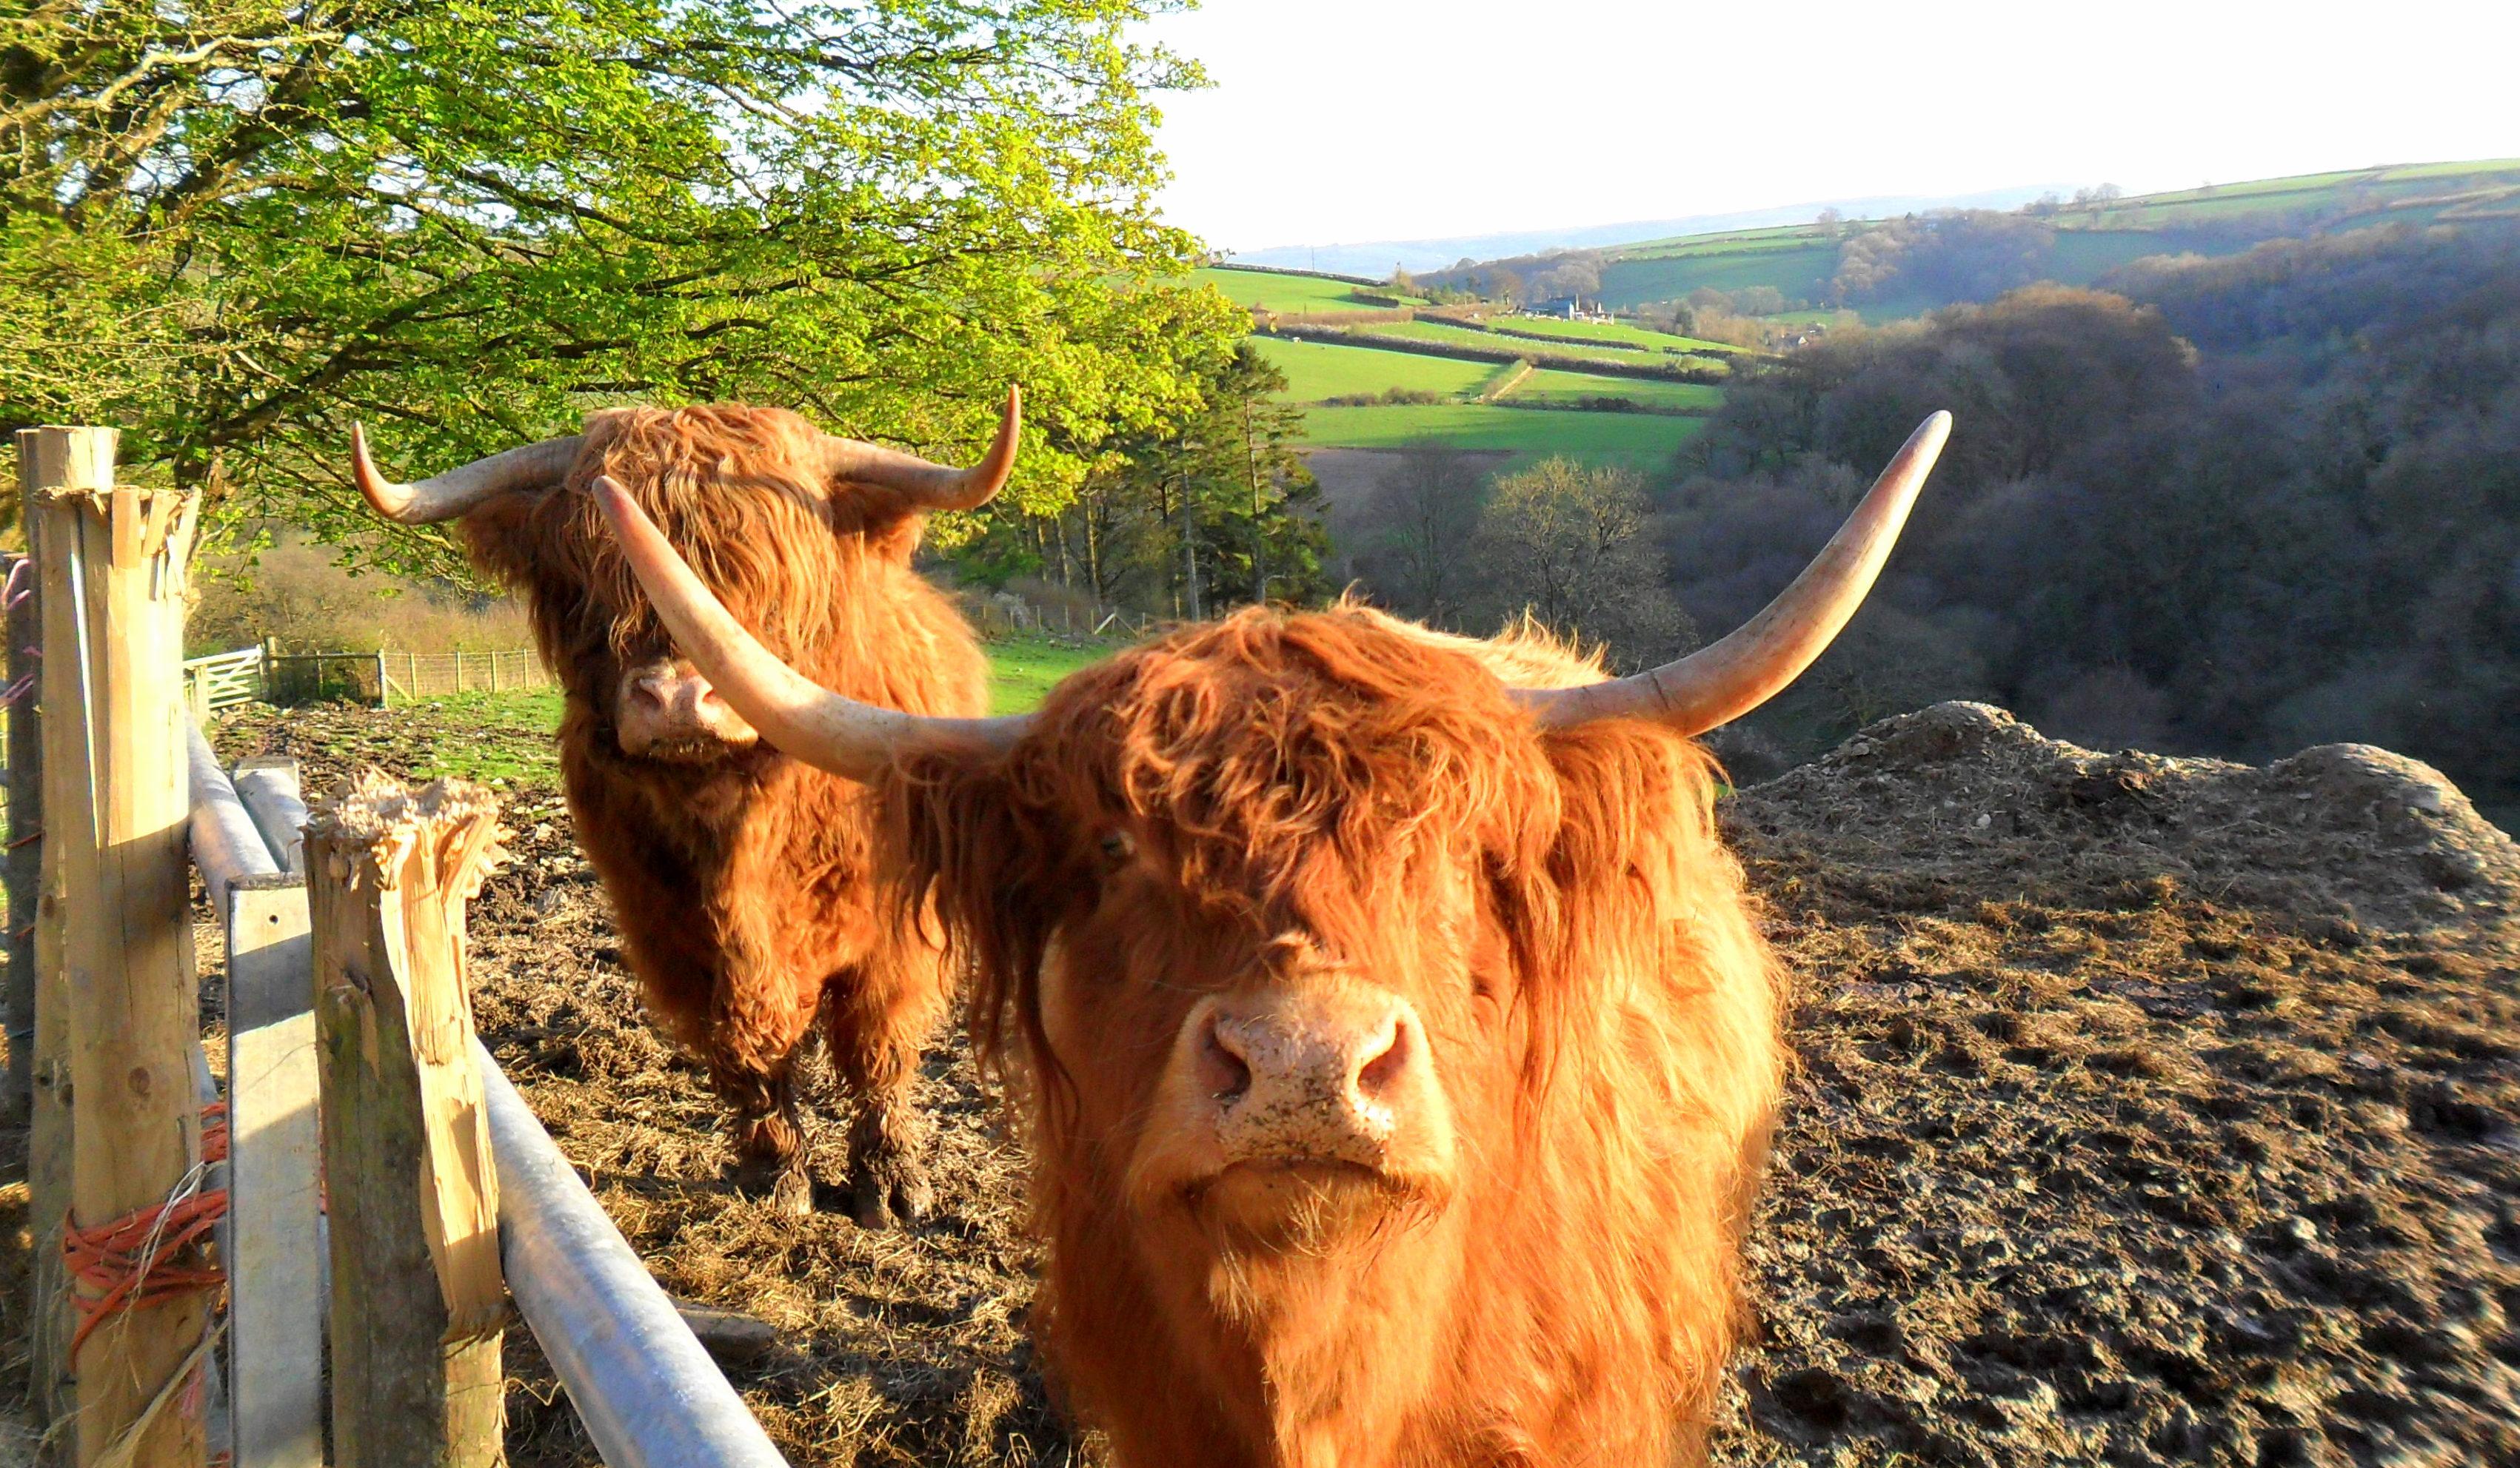 Felföldi tehenek - the Highland cows